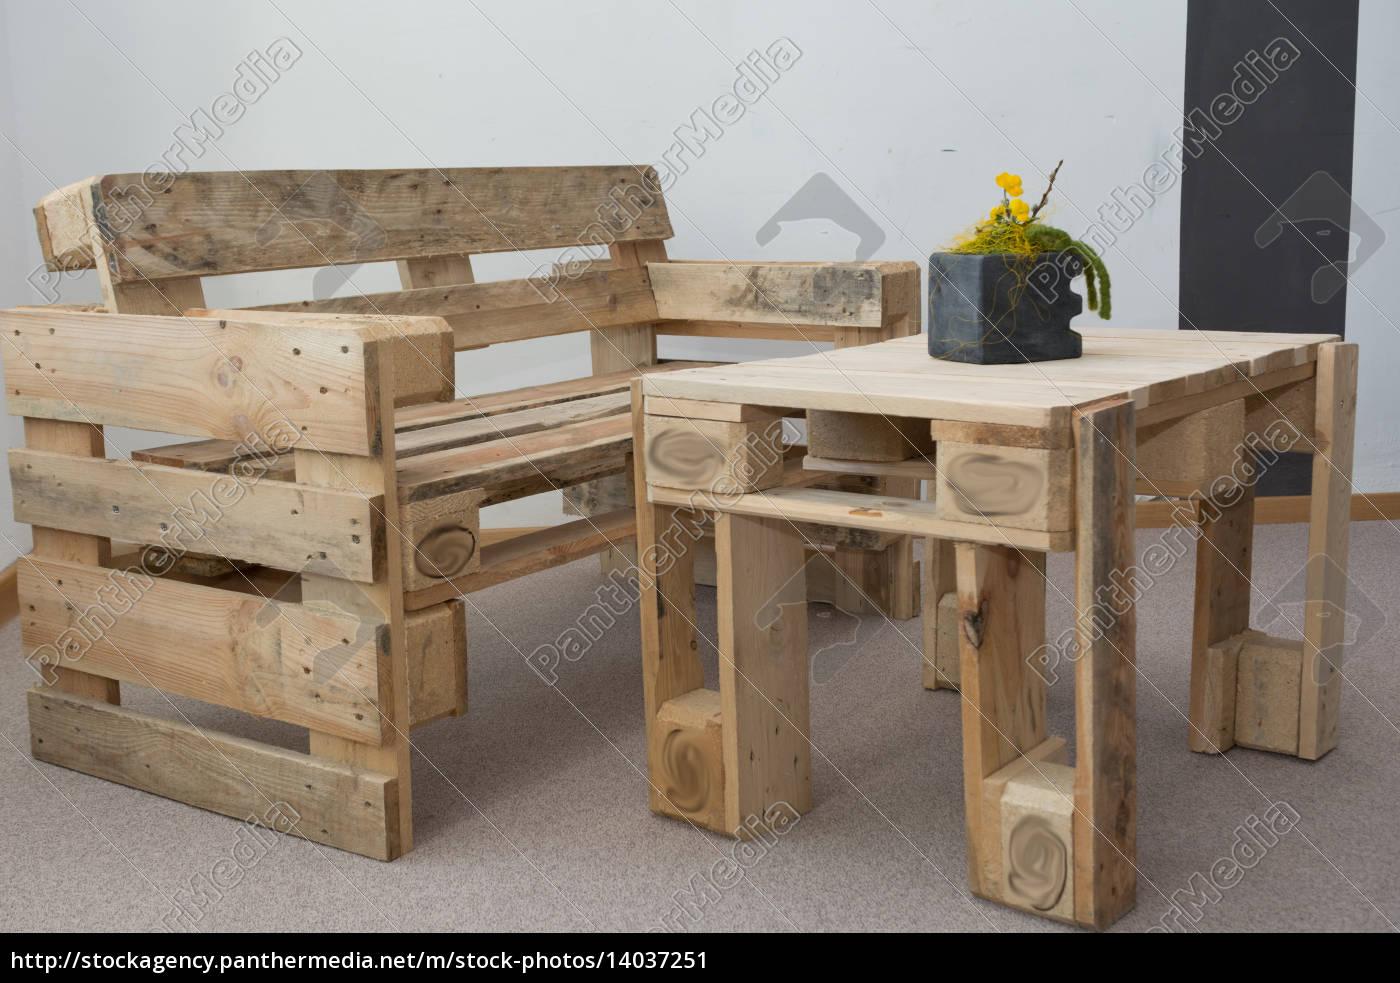 Lizenzfreies Bild 14037251 - robuste Sitzbank und Tisch aus Paletten